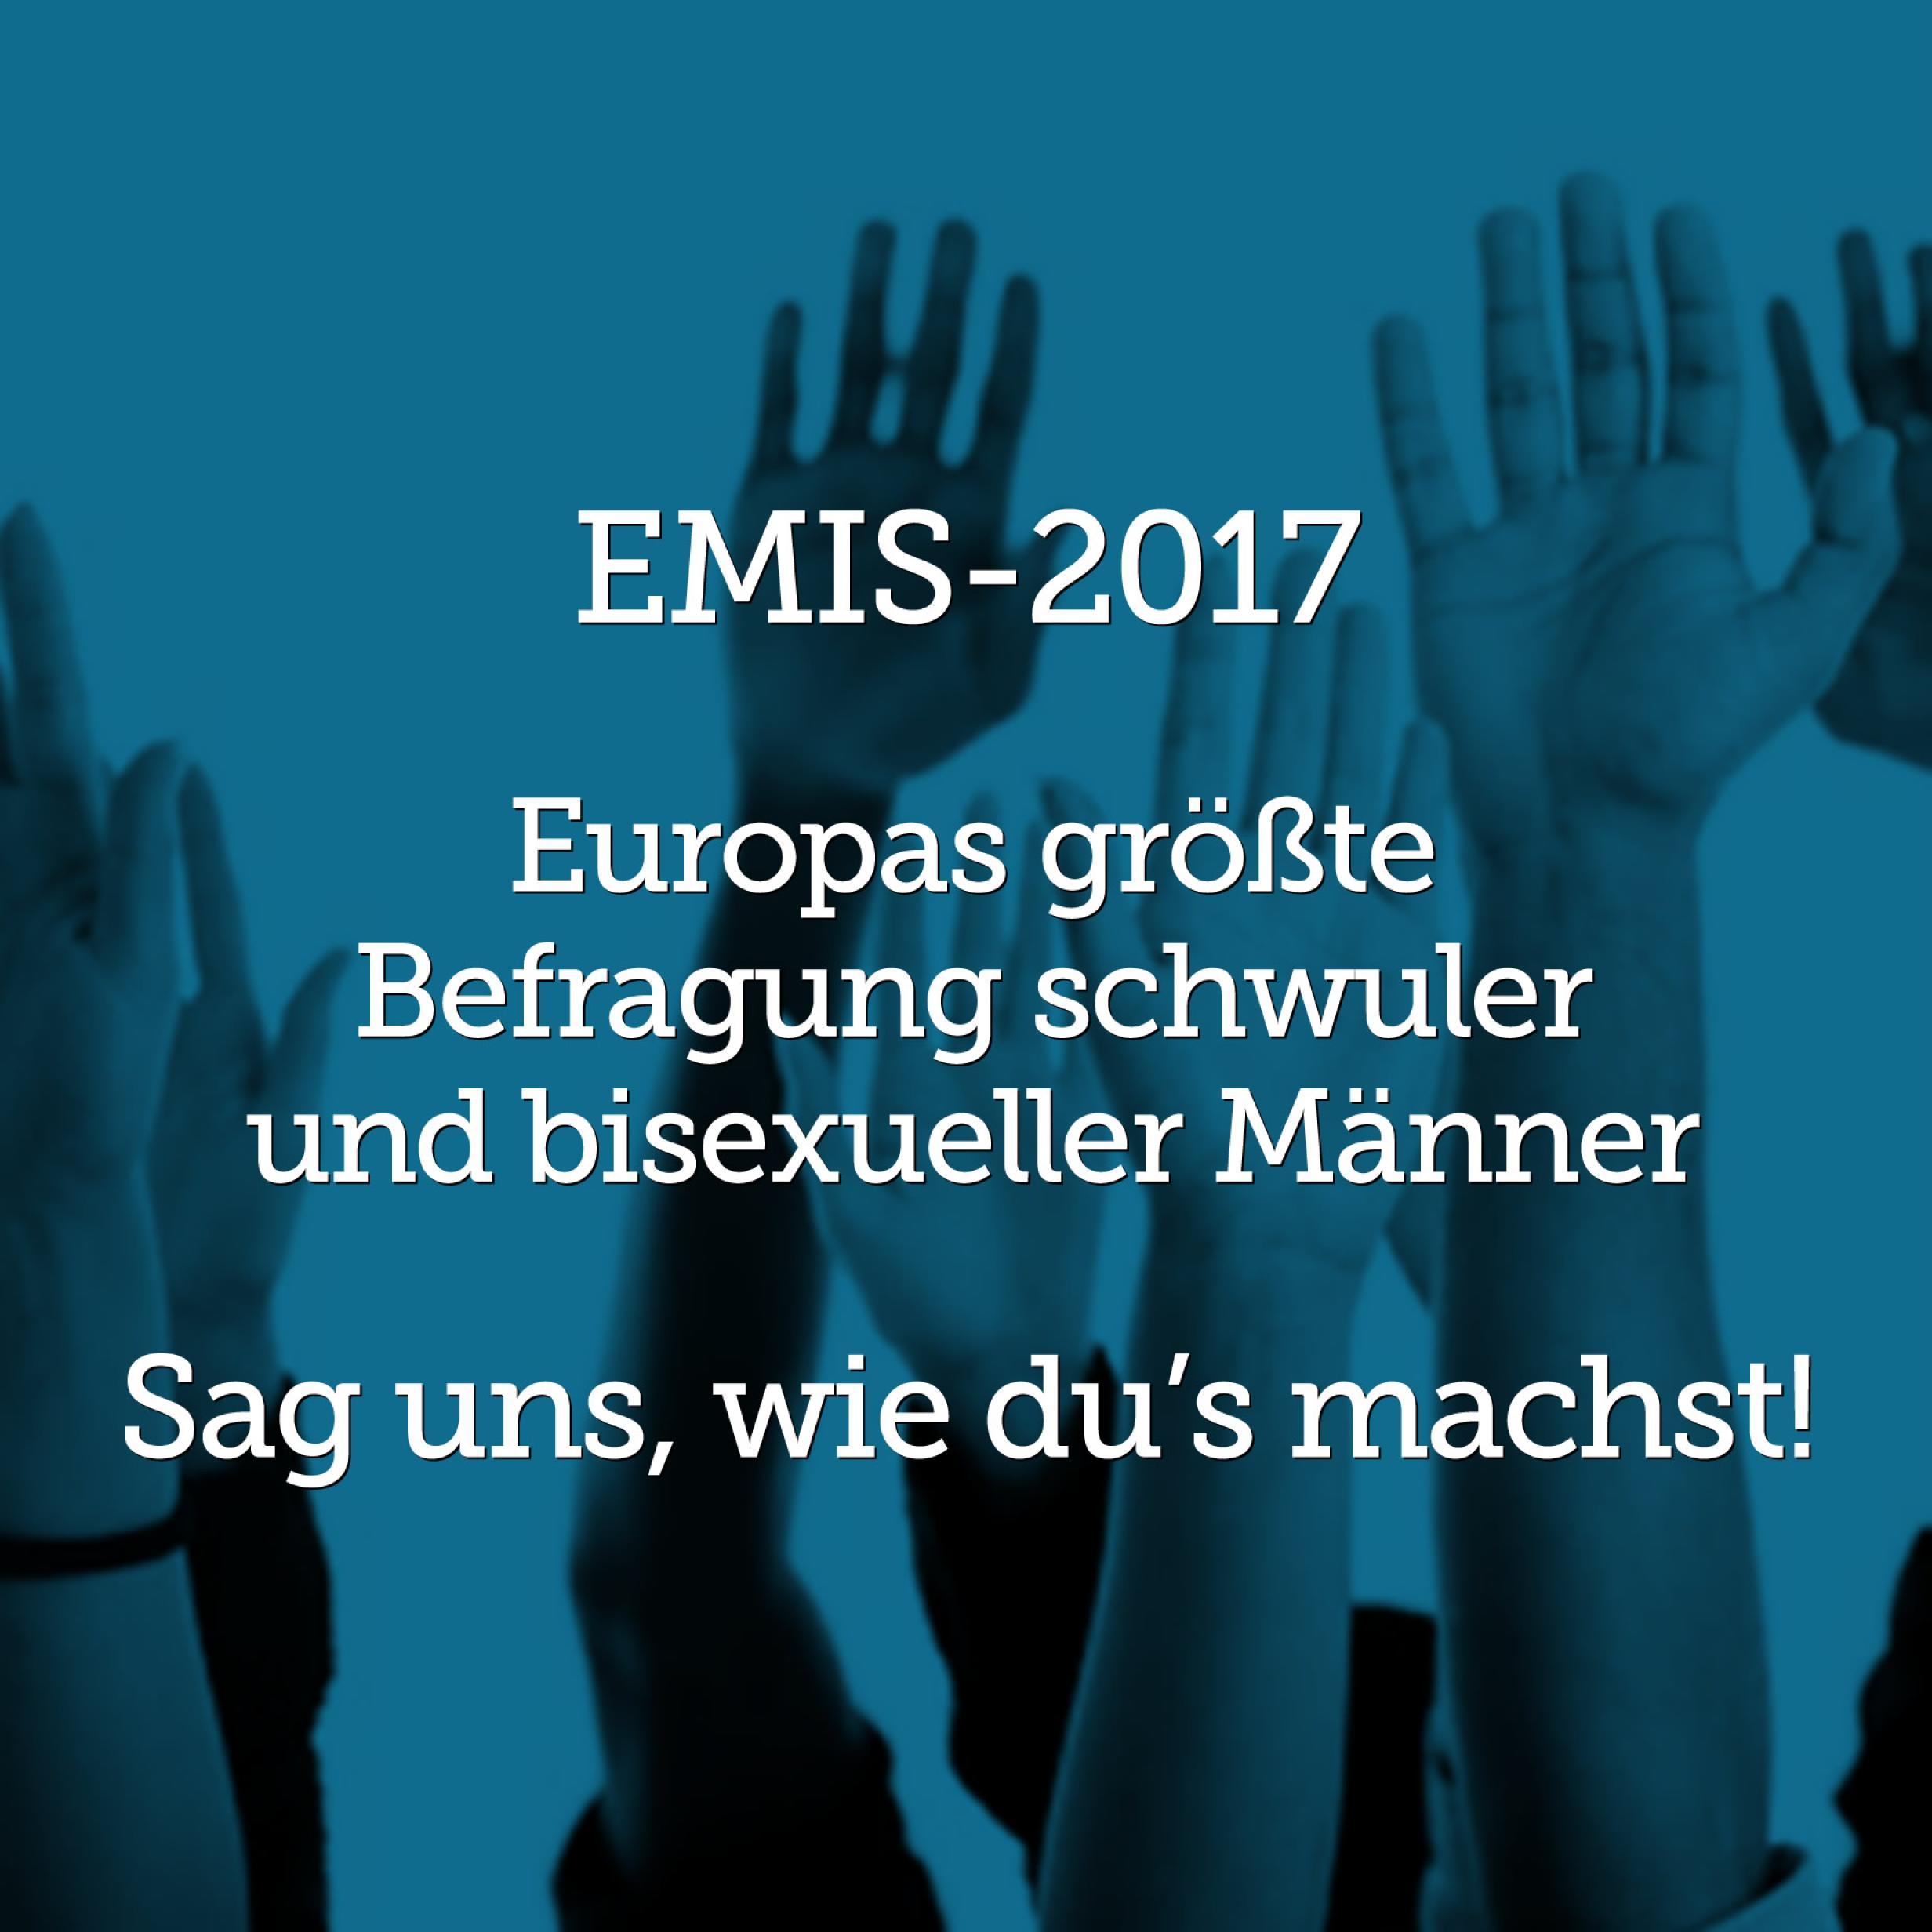 In die Luft gestreckte Arme vor blauem Hintergrund, davor der Text: EMIS 2017. Europas größte Befragung schwuler und bisexueller Männer. Sag uns wie du's machst!